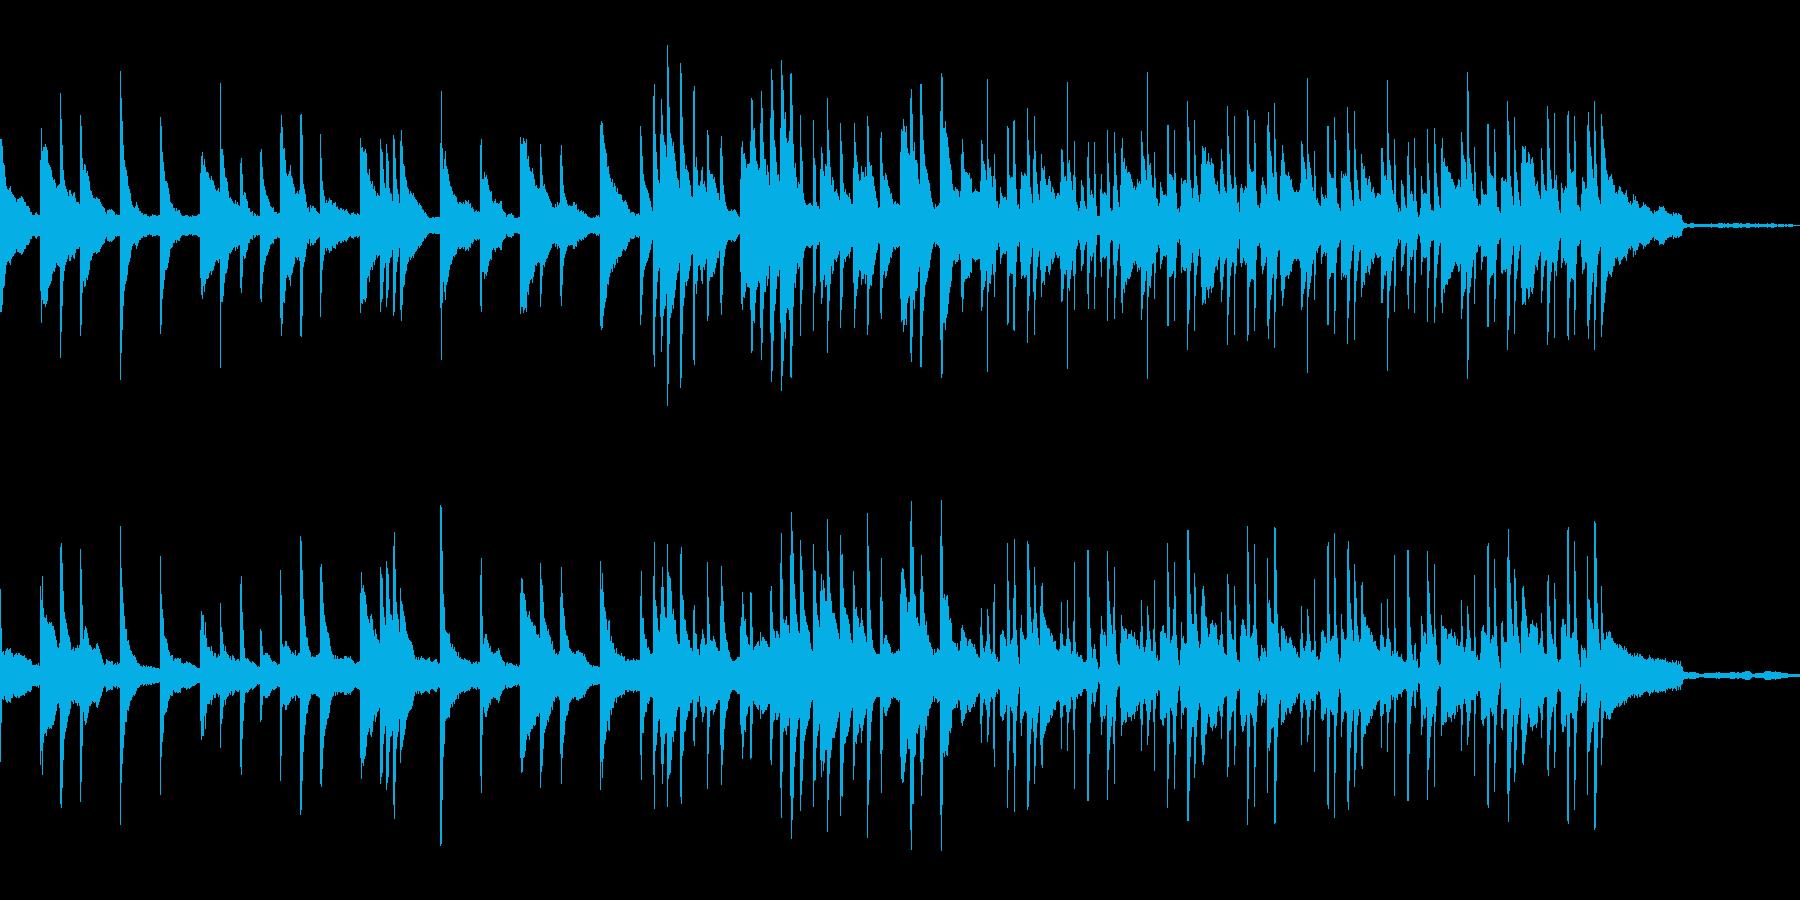 【1分版ピアノソロ】穏やかな雰囲気ピアノの再生済みの波形